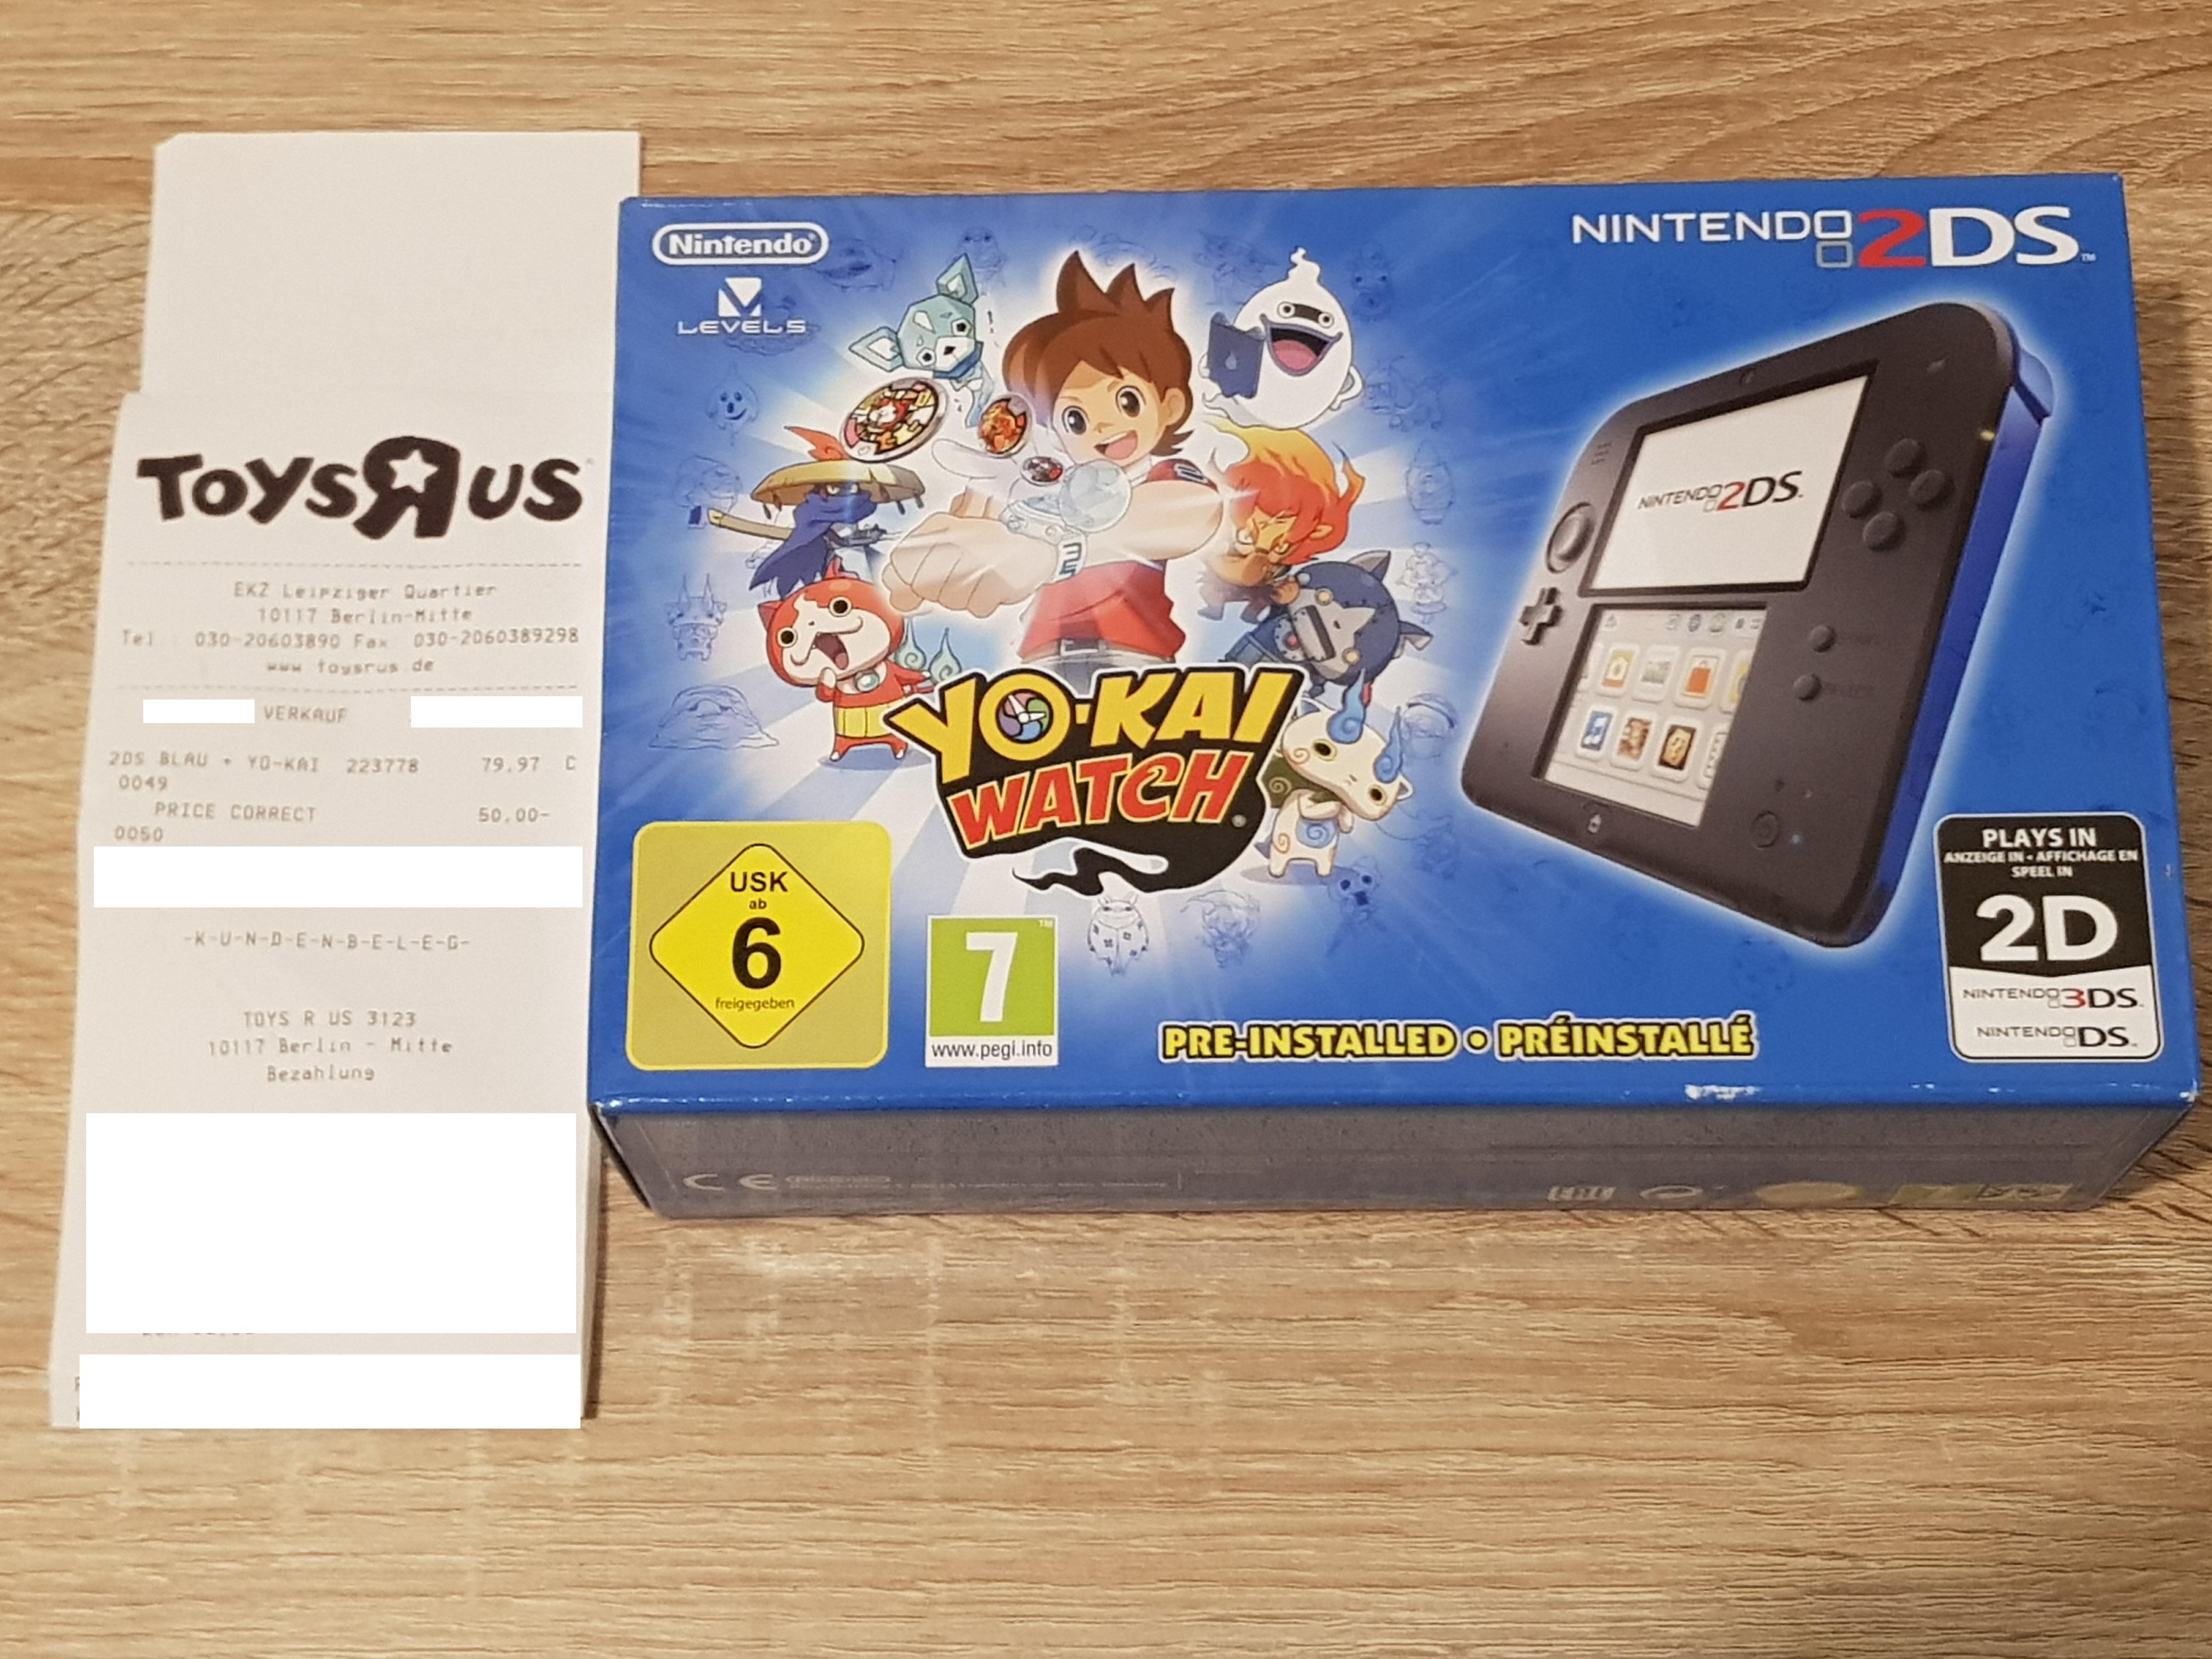 """[Lokal Berlin] Nintendo 2DS - Konsole (schwarz-blau) inkl. Yo-kai Watch für 29,97€ @ Toys """"R"""" Us (Mall of Berlin)"""